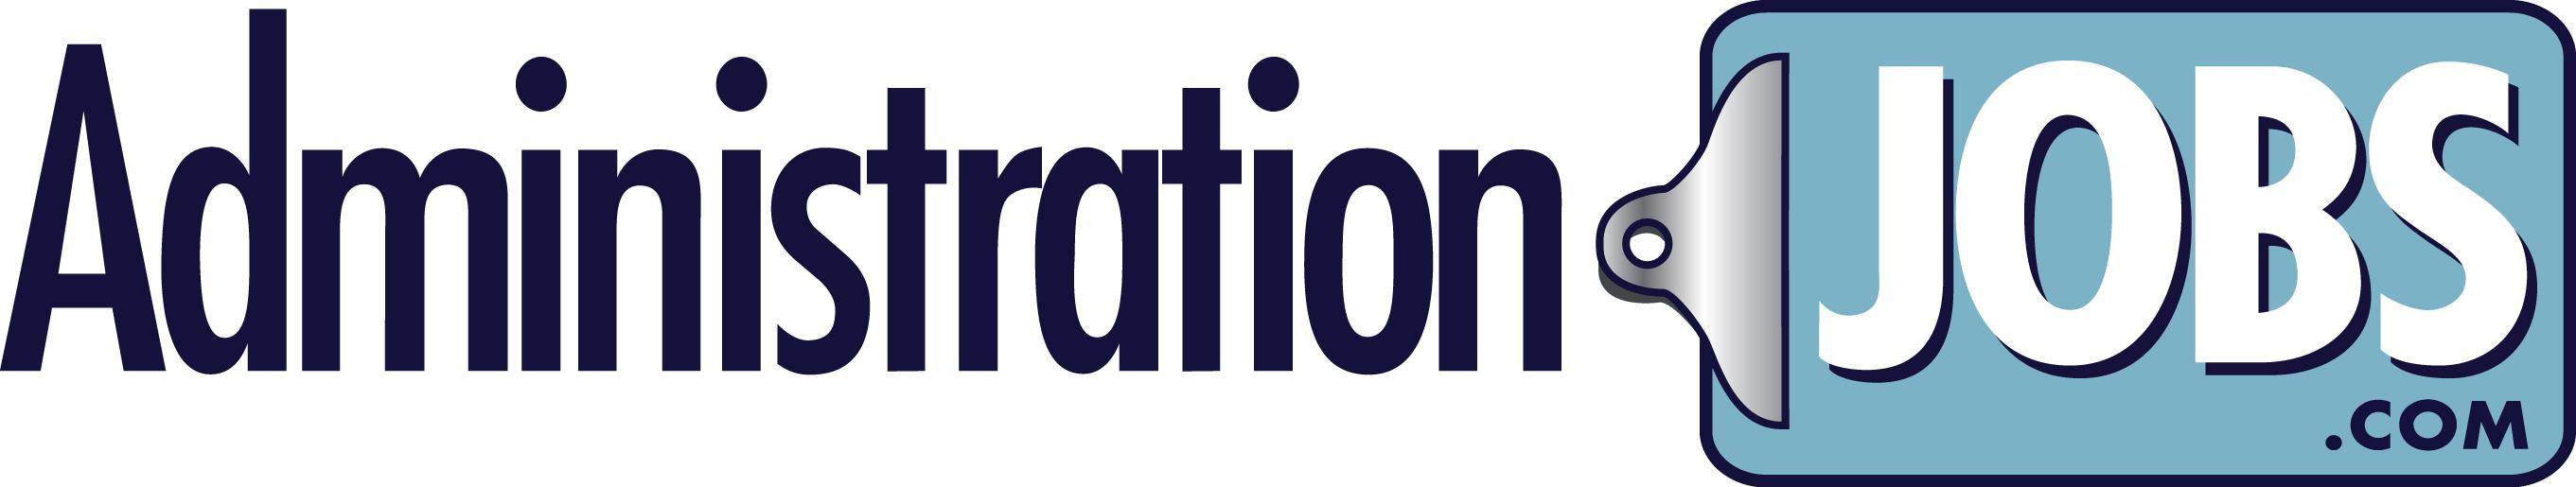 Administrationjobs.com